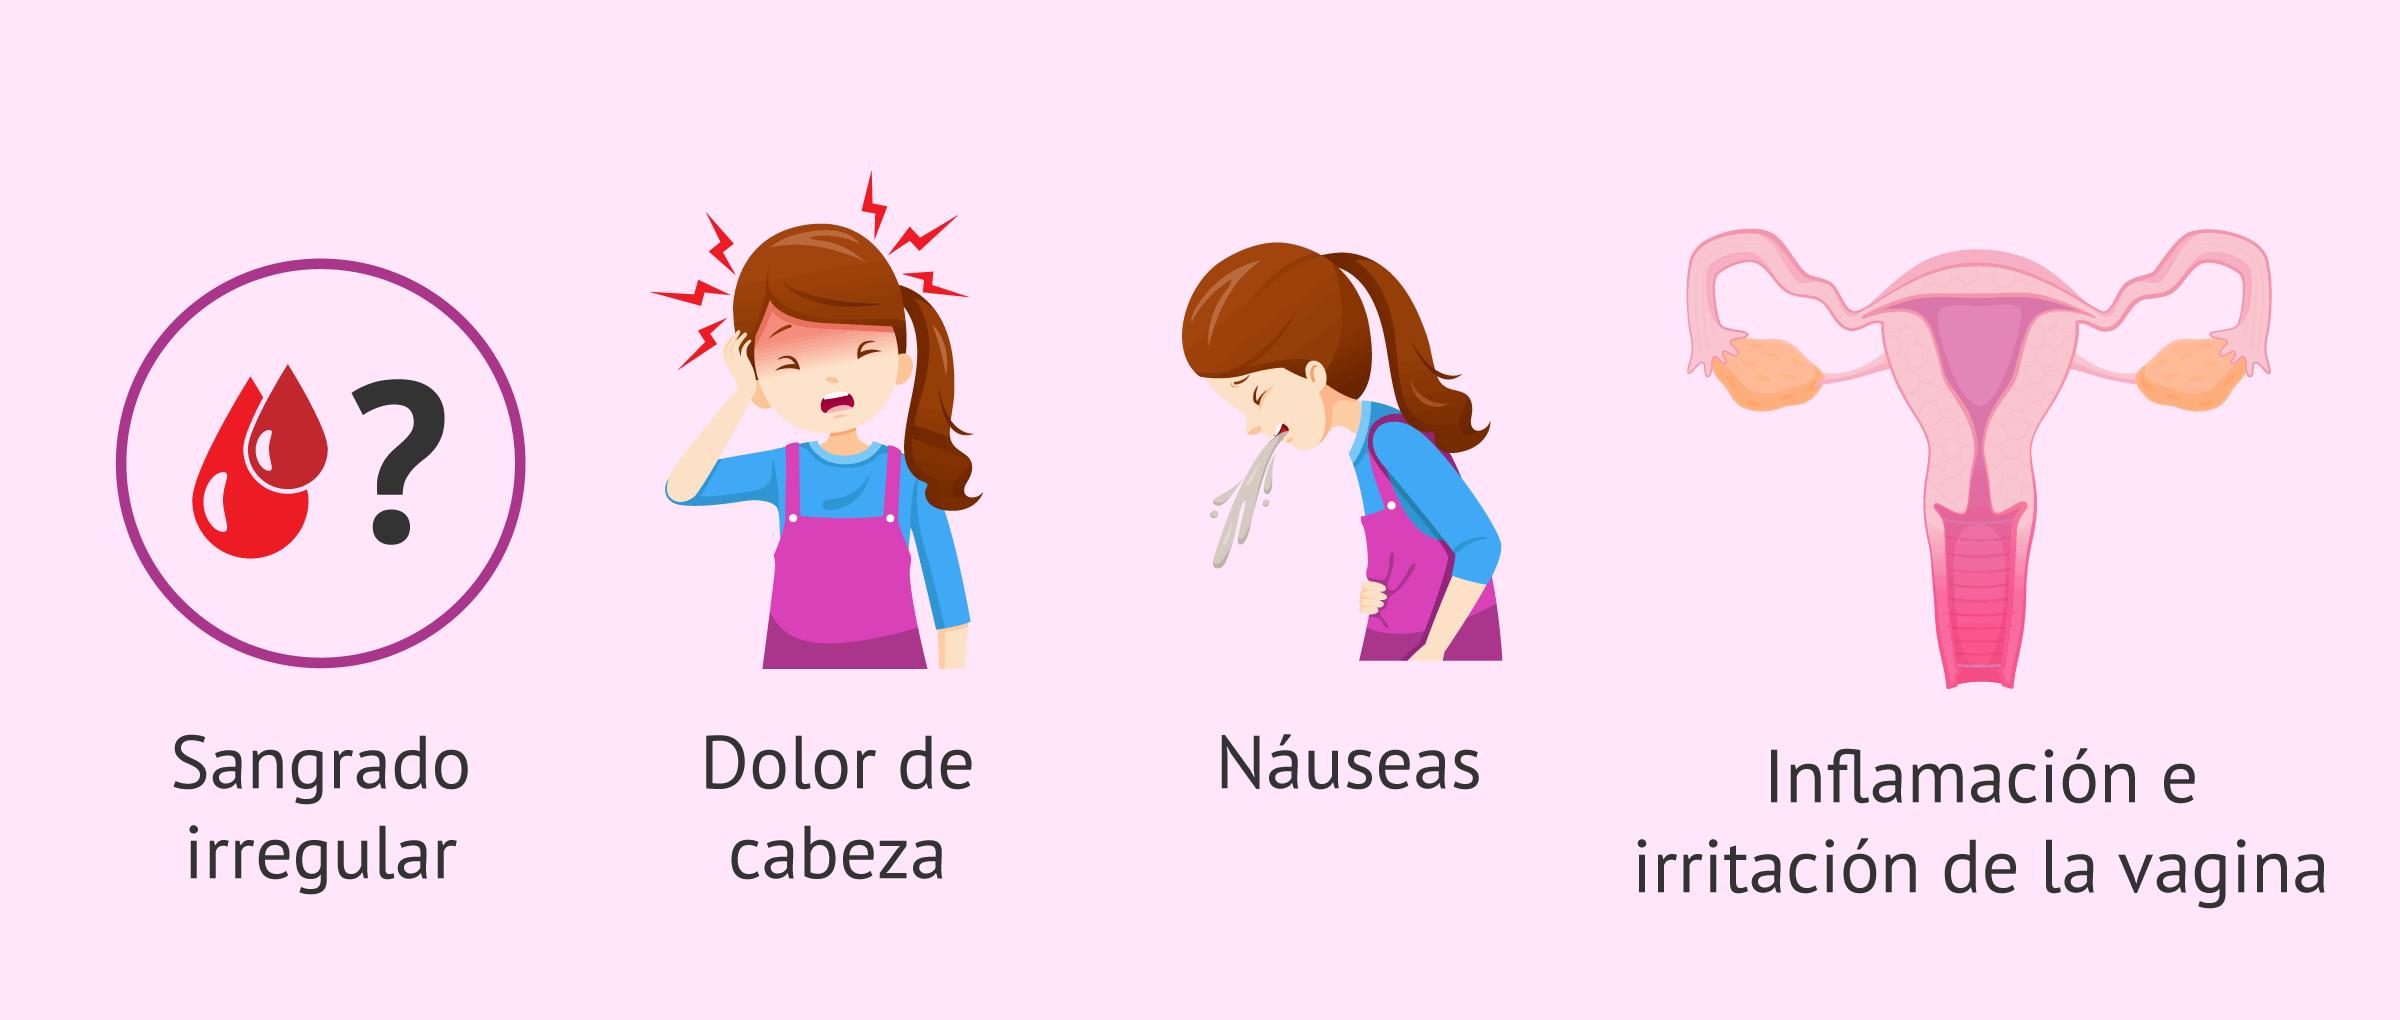 Efectos secundarios del uso del anillo vaginal